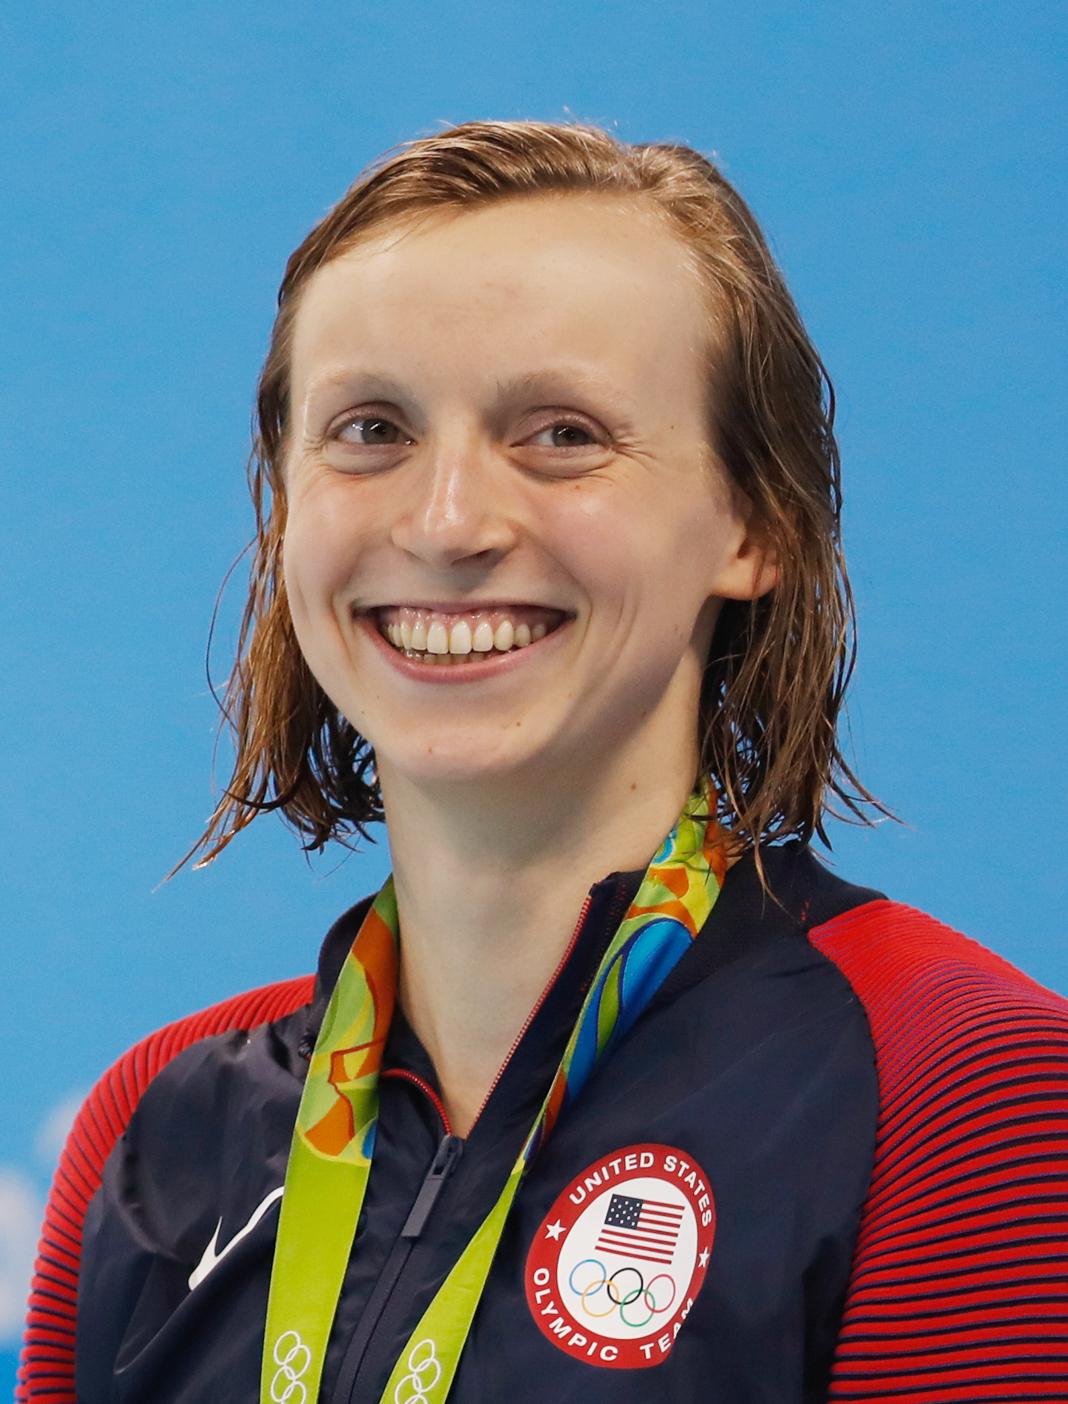 Katie Ledecky ai Giochi olimpici di Rio 2016, Fernando Frazão/Agência Brasil, 2016